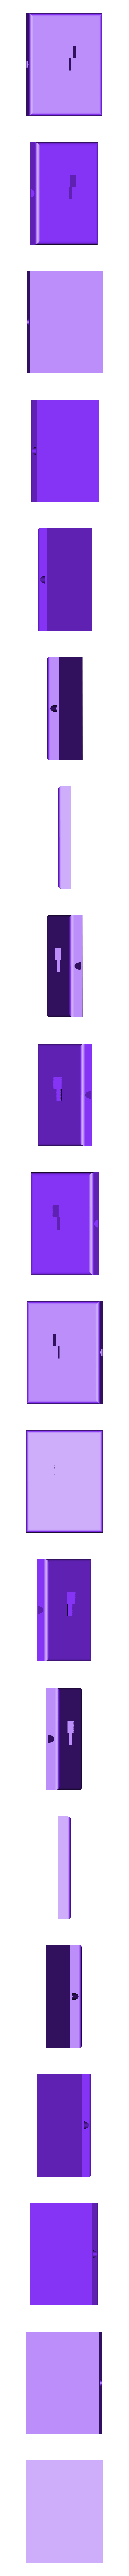 Top.STL Télécharger fichier STL gratuit Échiquier vertical, alias l'Échiquier à l'épreuve des chats • Design à imprimer en 3D, SSilver